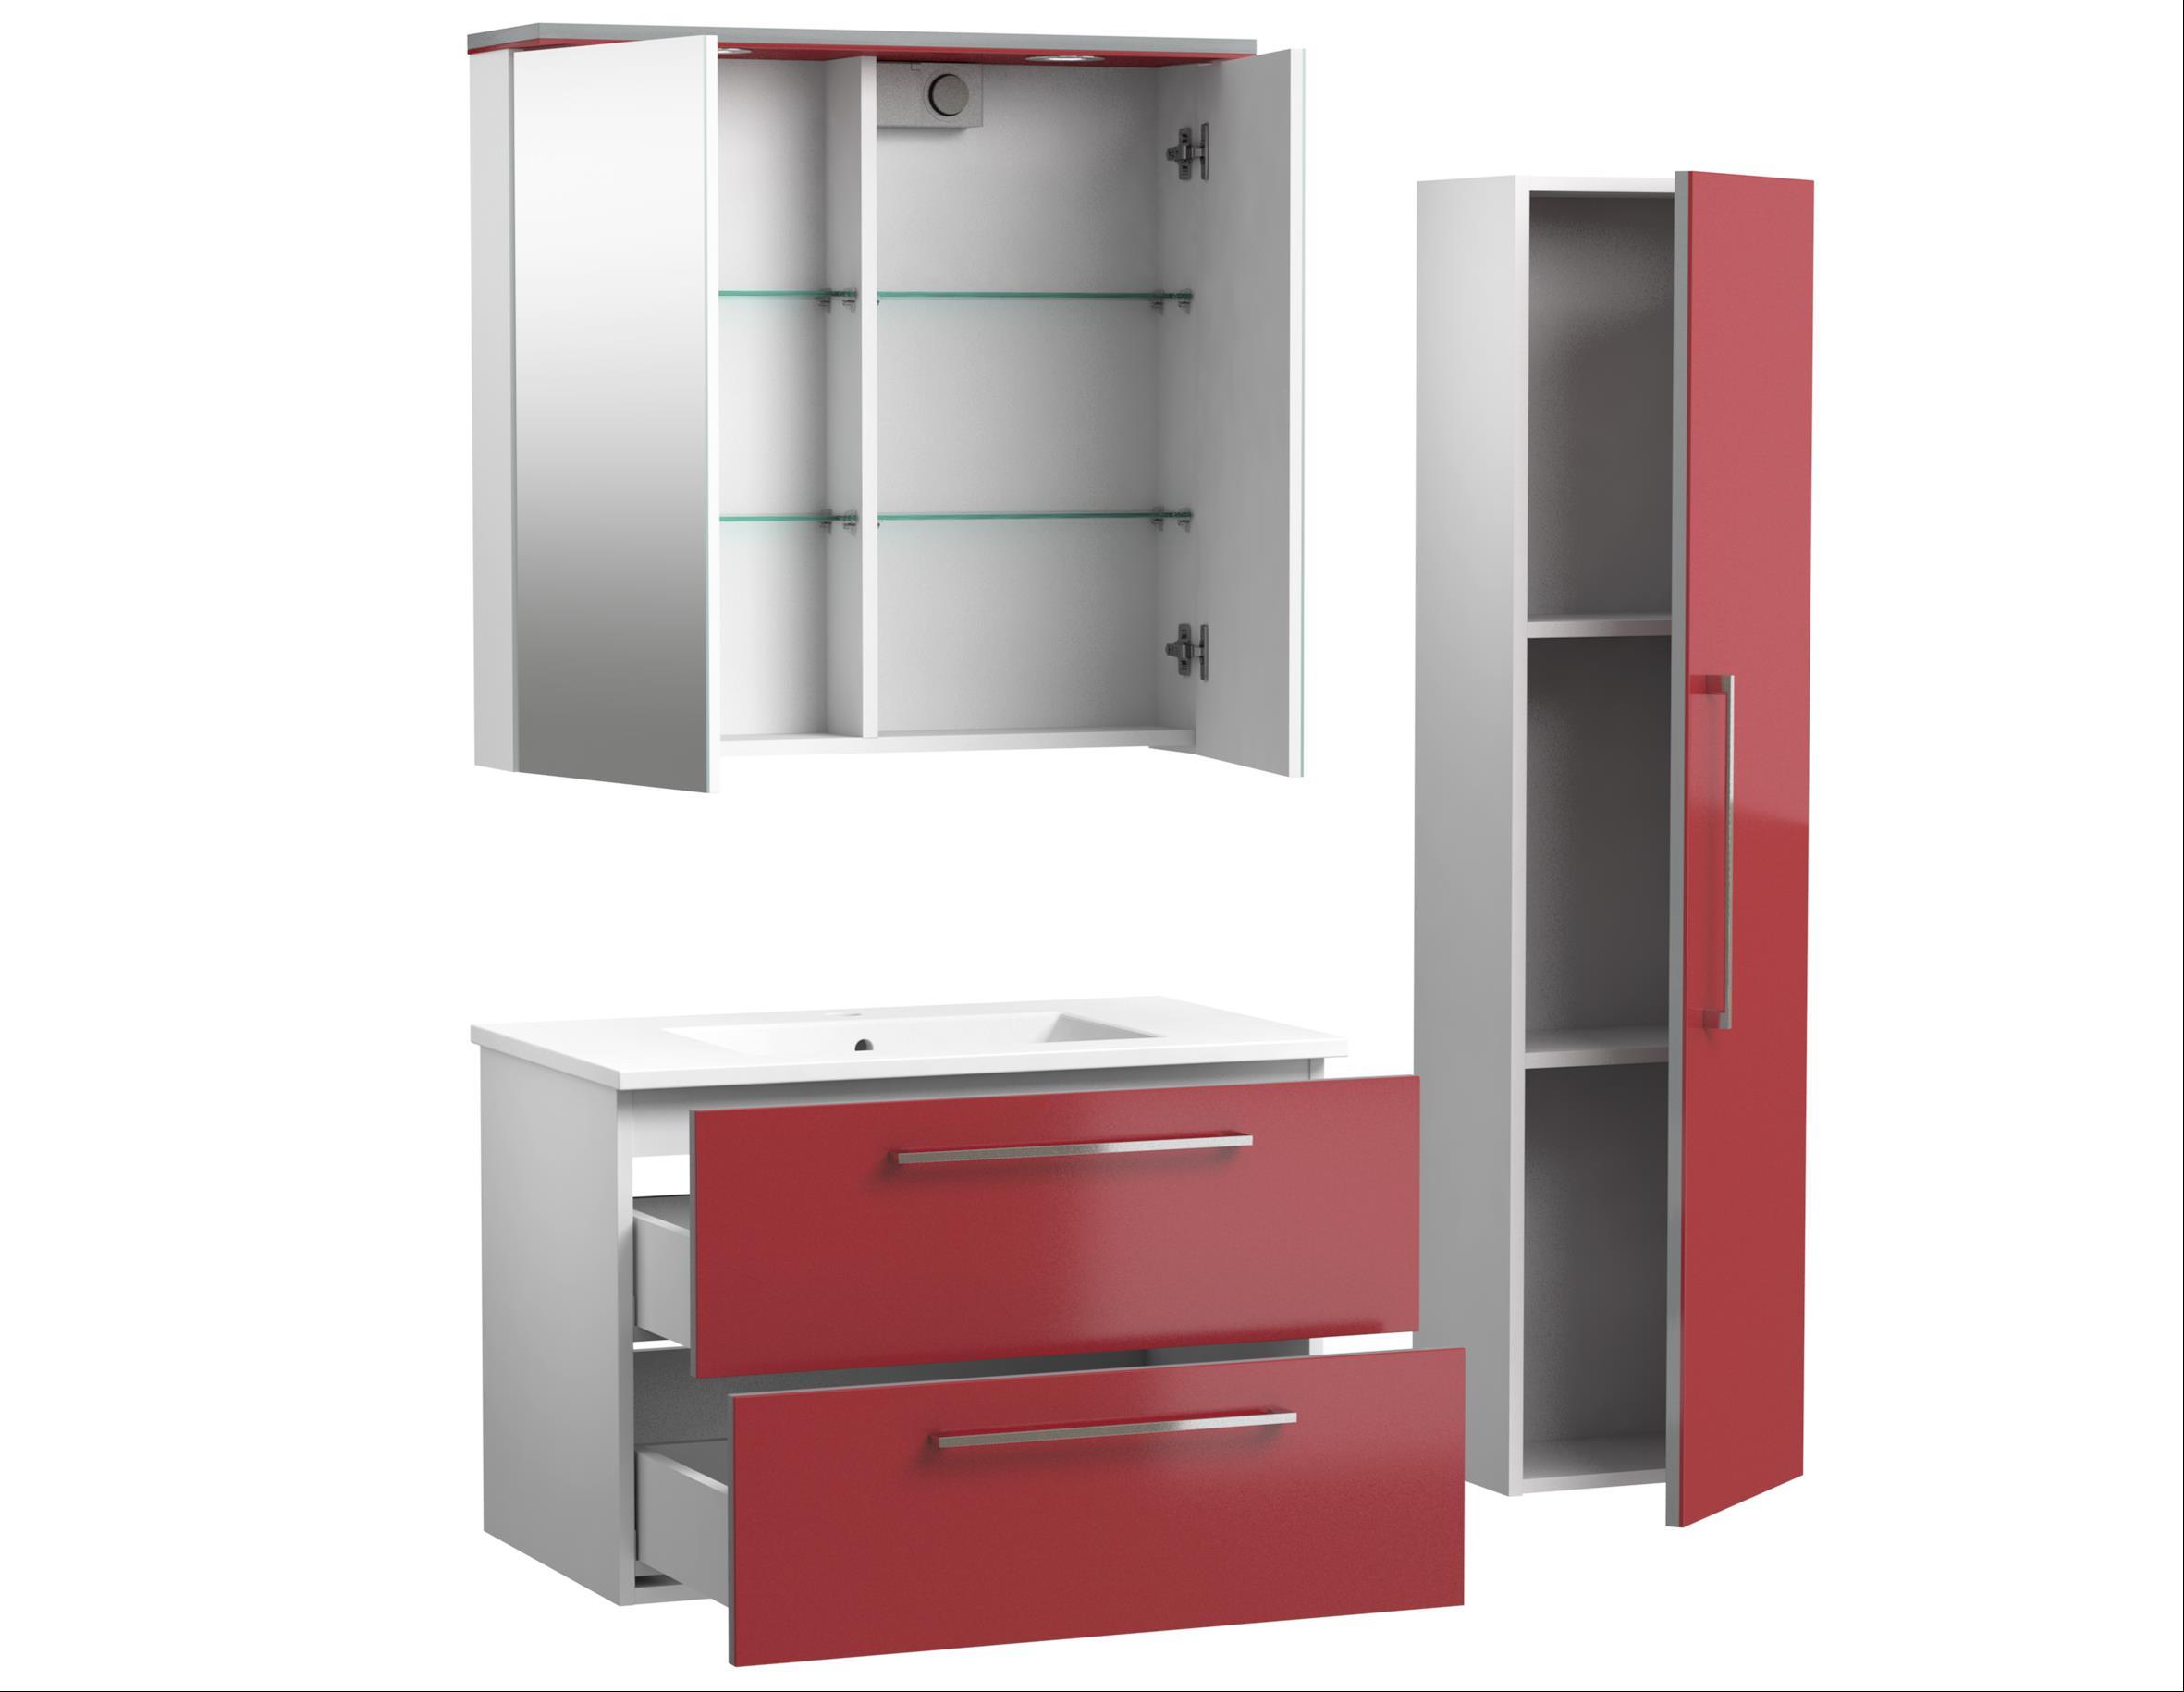 Bad Waschtischunterschrank mit Keramik-Waschtisch Allegro 76 Rot glänzend Bild 4